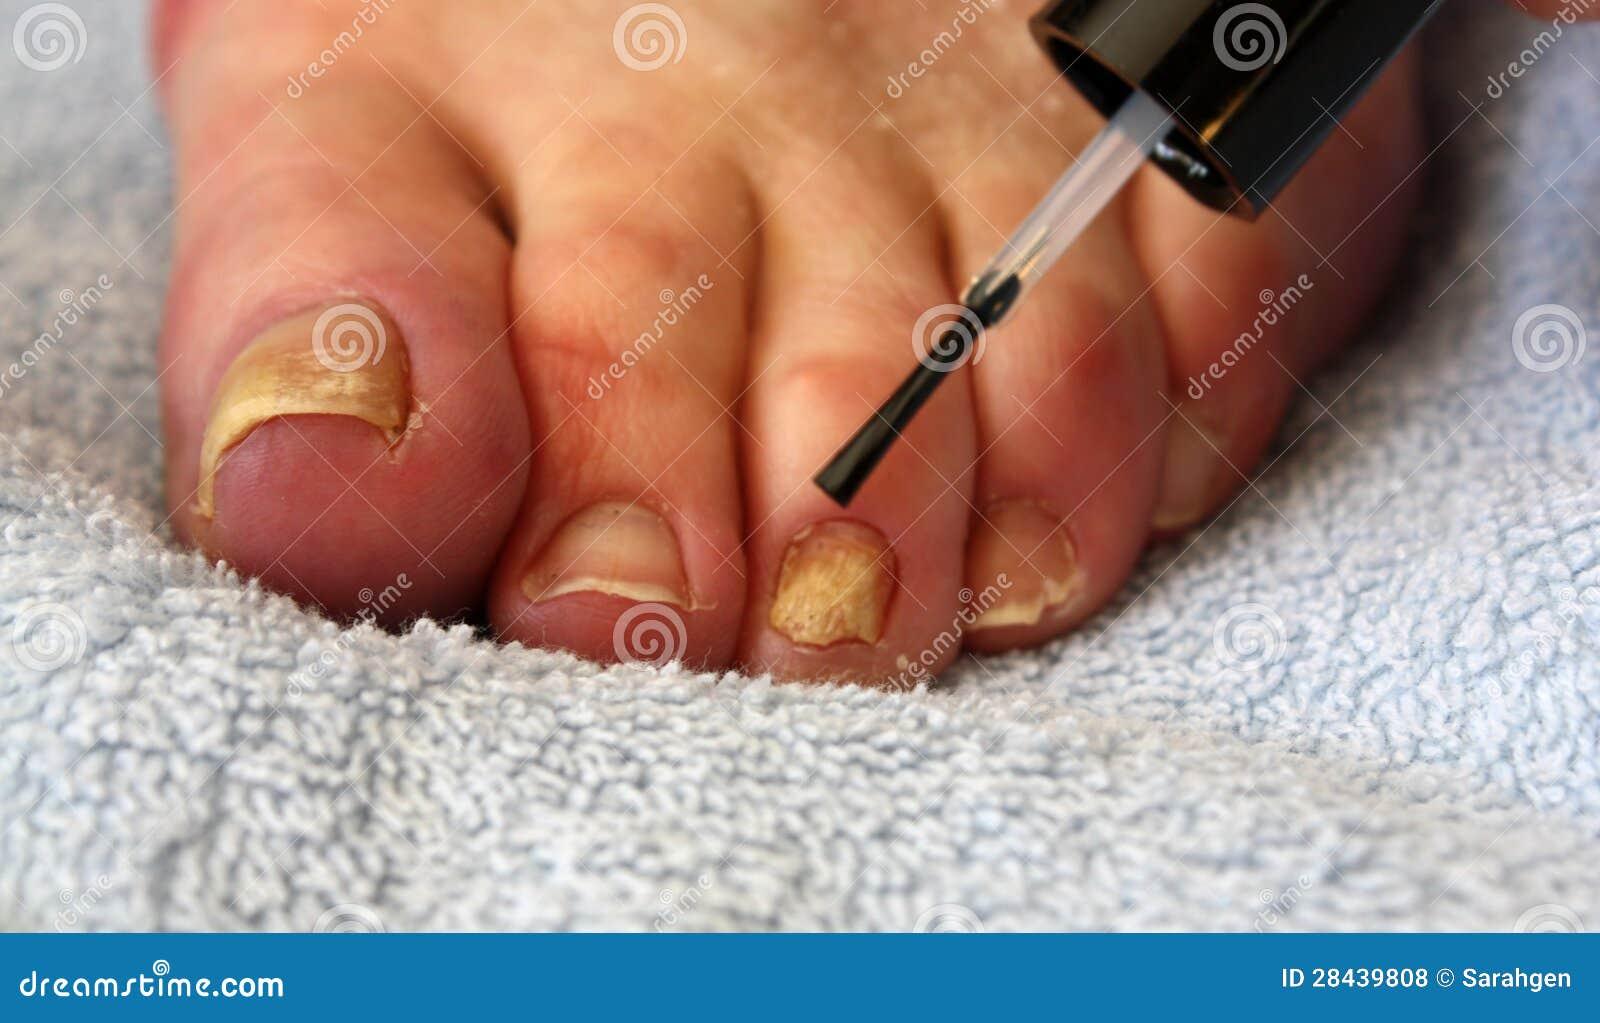 Vassoio per gambe con aceto da un fungo di piede